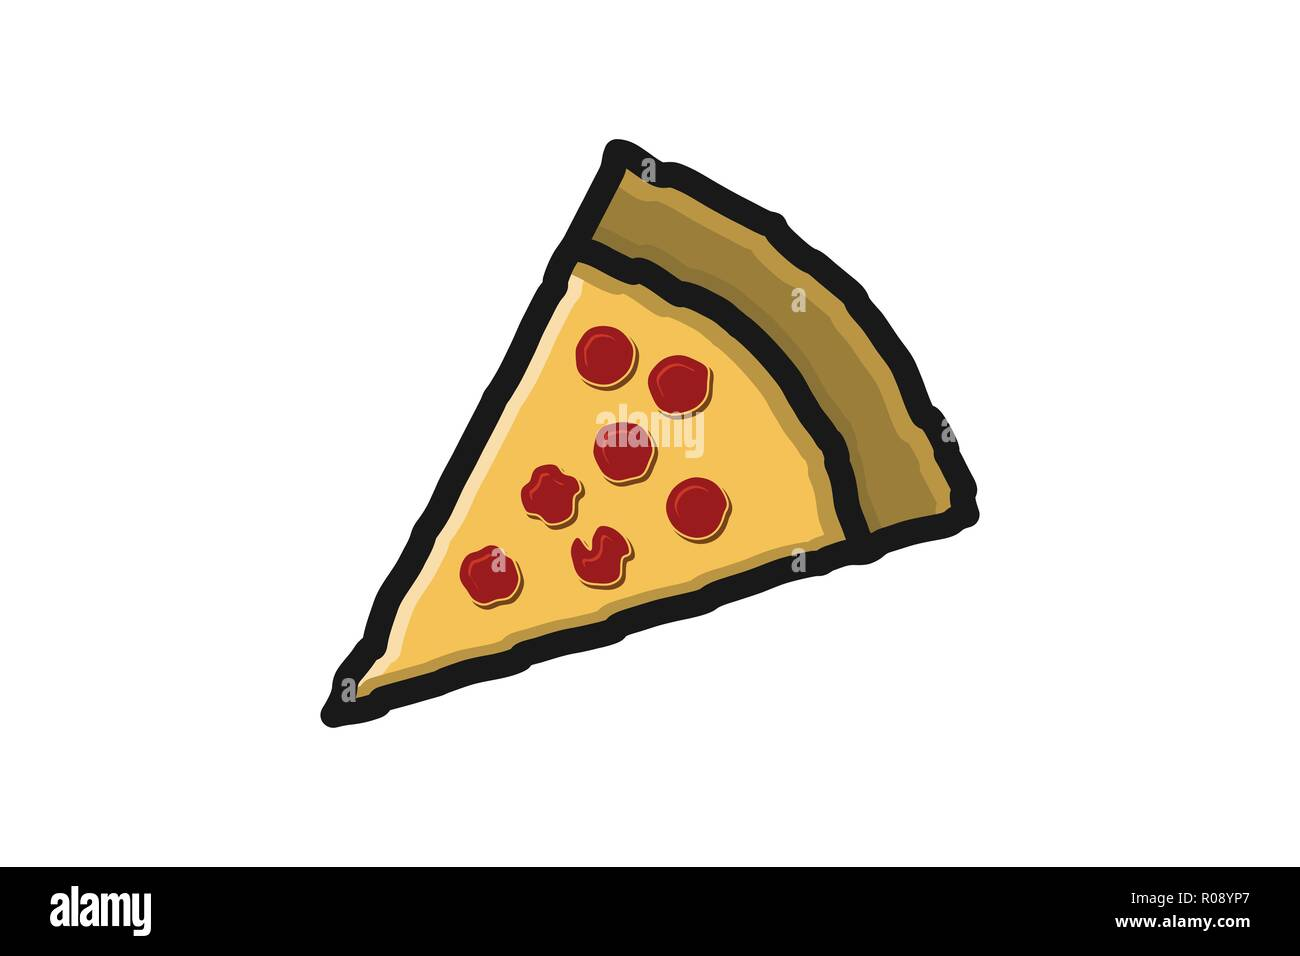 Pezzo Di Pizza Disegni Logo Ispirazione Isolata Su Sfondo Bianco